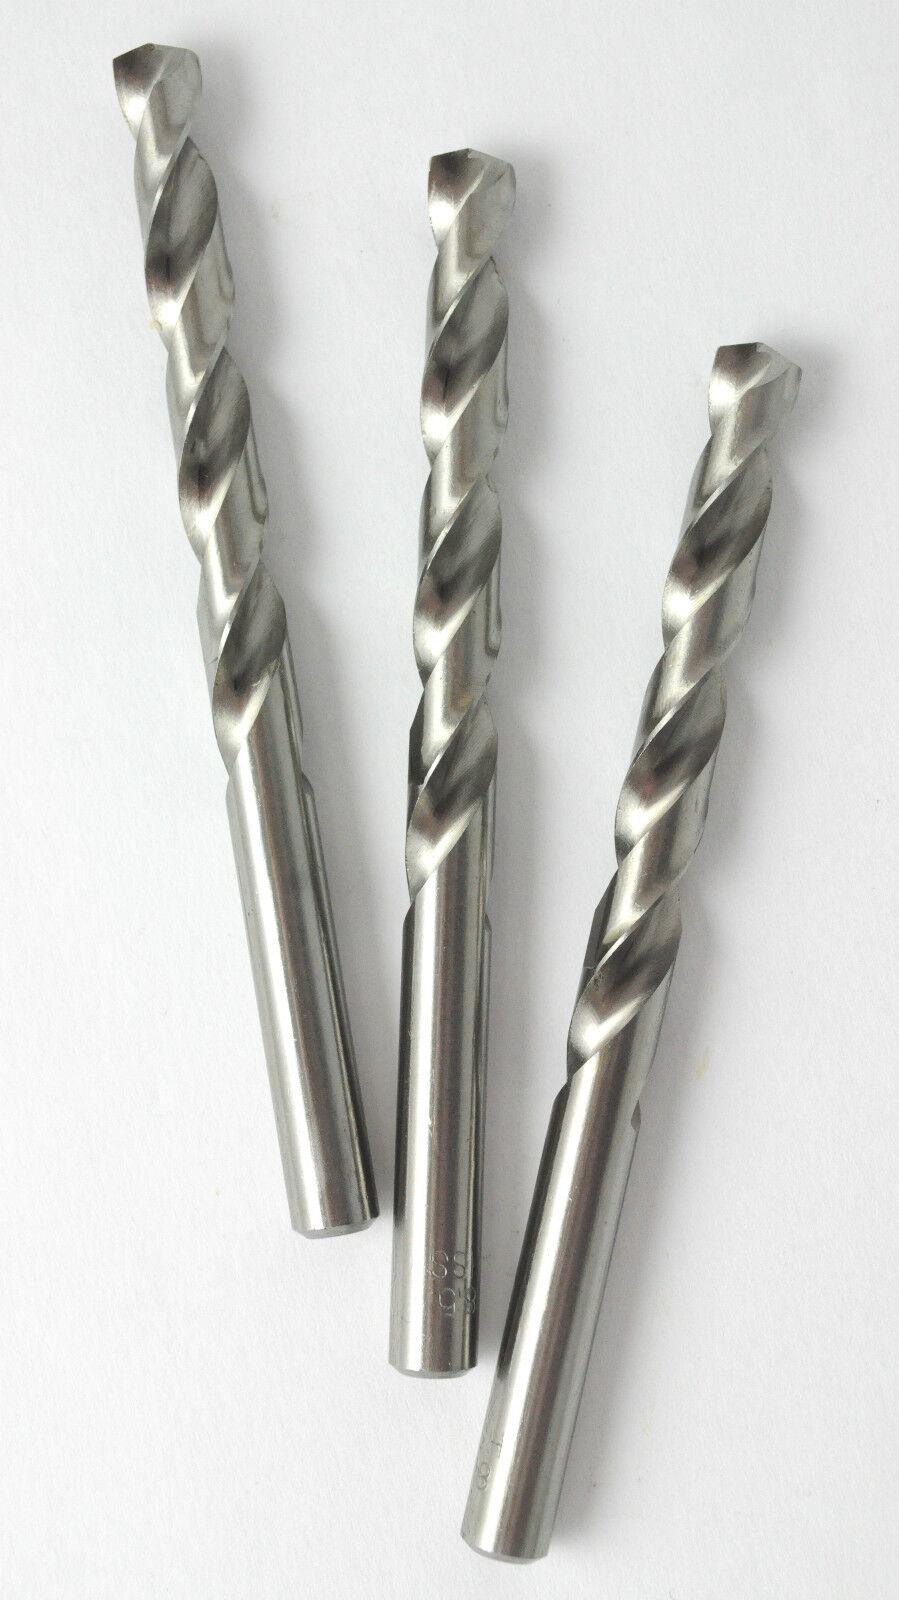 Spiralbohrer Metallbohrer - DIN 338 - Geschliffene - Titan - Cobalt - Bohrer